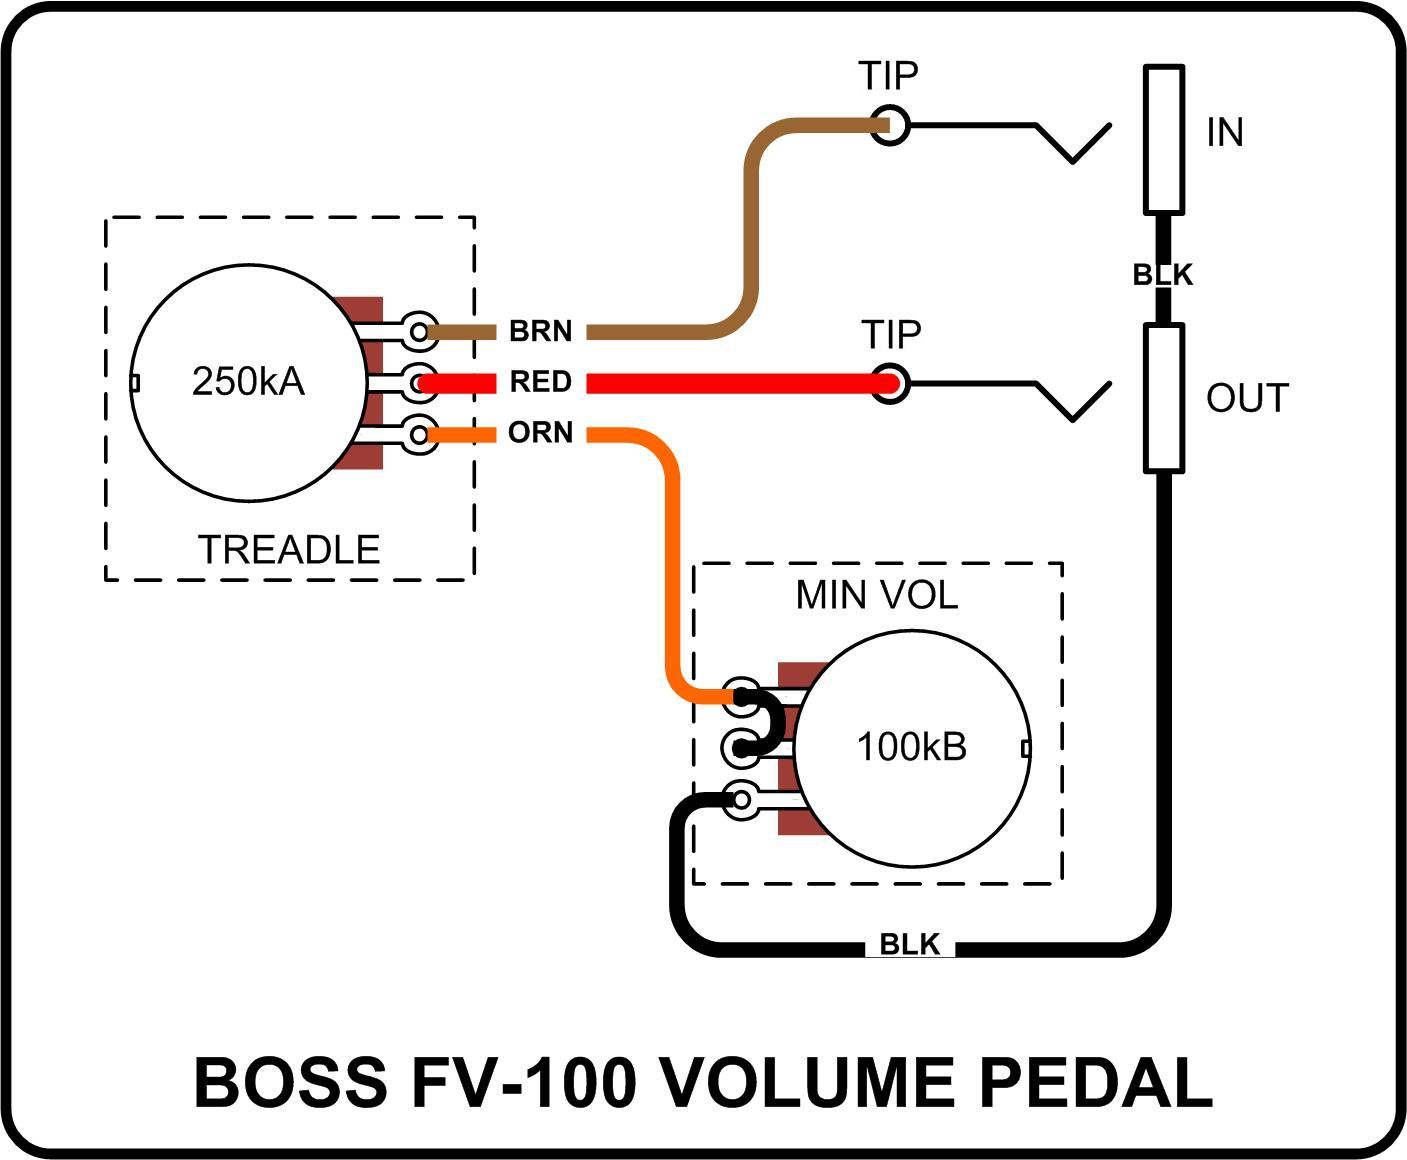 Dsl Rj11 6p6c Wiring Diagram Green Wire Outside Box Librarydsl